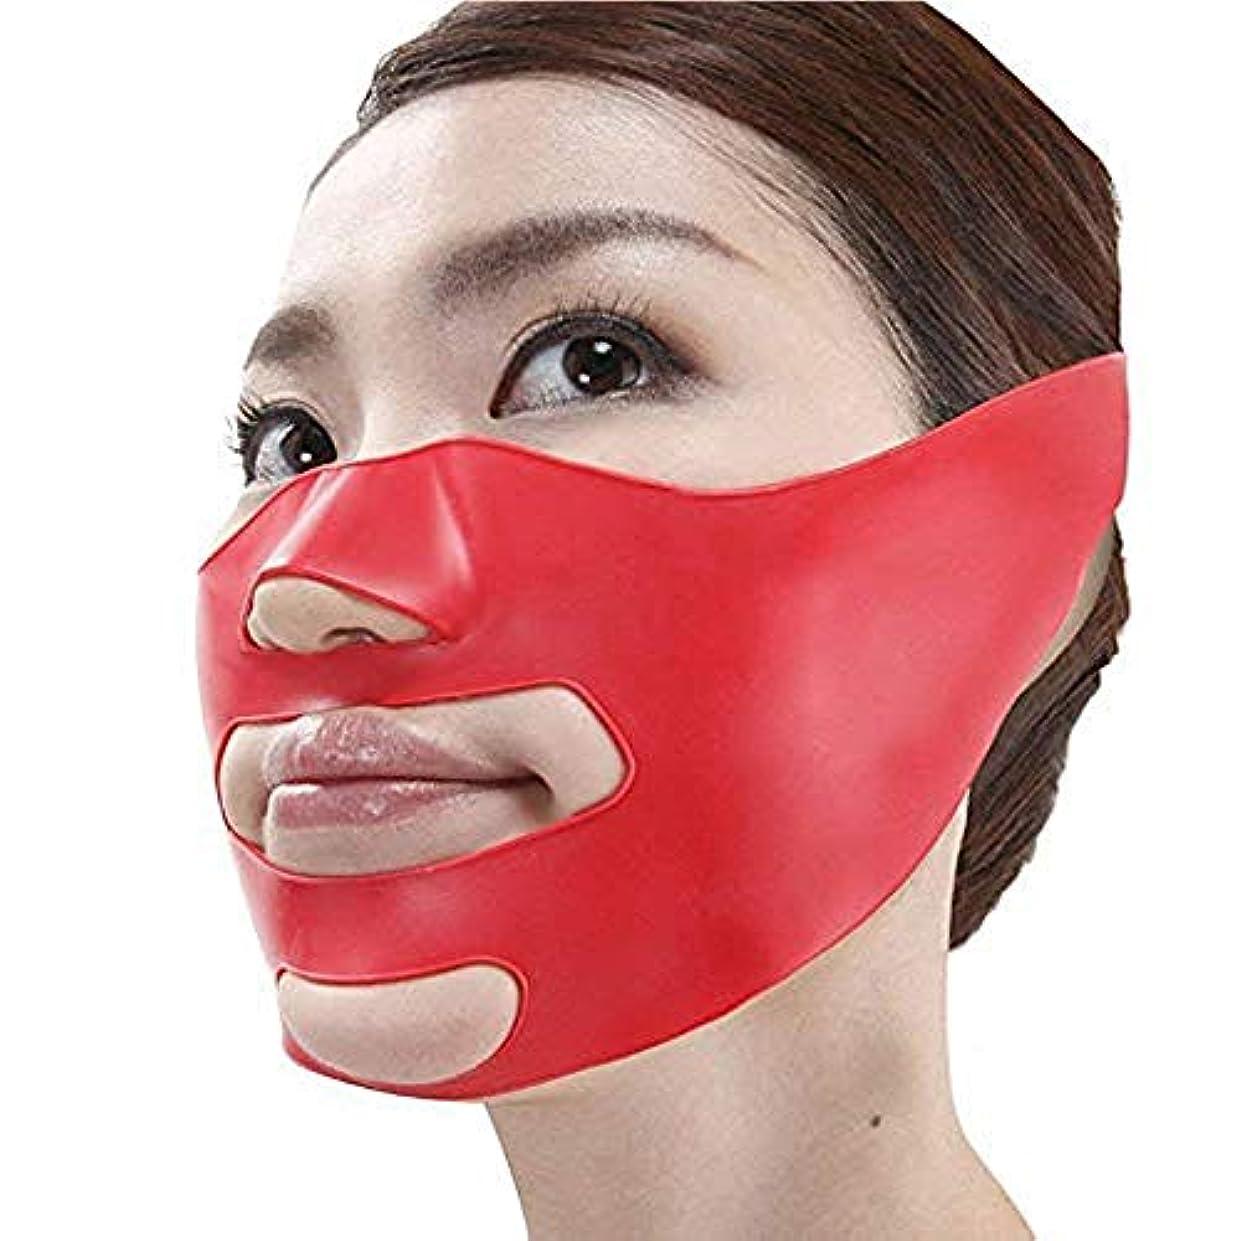 シリーズ海上カウボーイMilent 小顔矯正 マスク 小顔補正ベルト ほうれい線 リフトスリムマスク 3Dエクササイズマスク 法令線予防 抗シワ サウナマスク 美顔 フリーサイズ